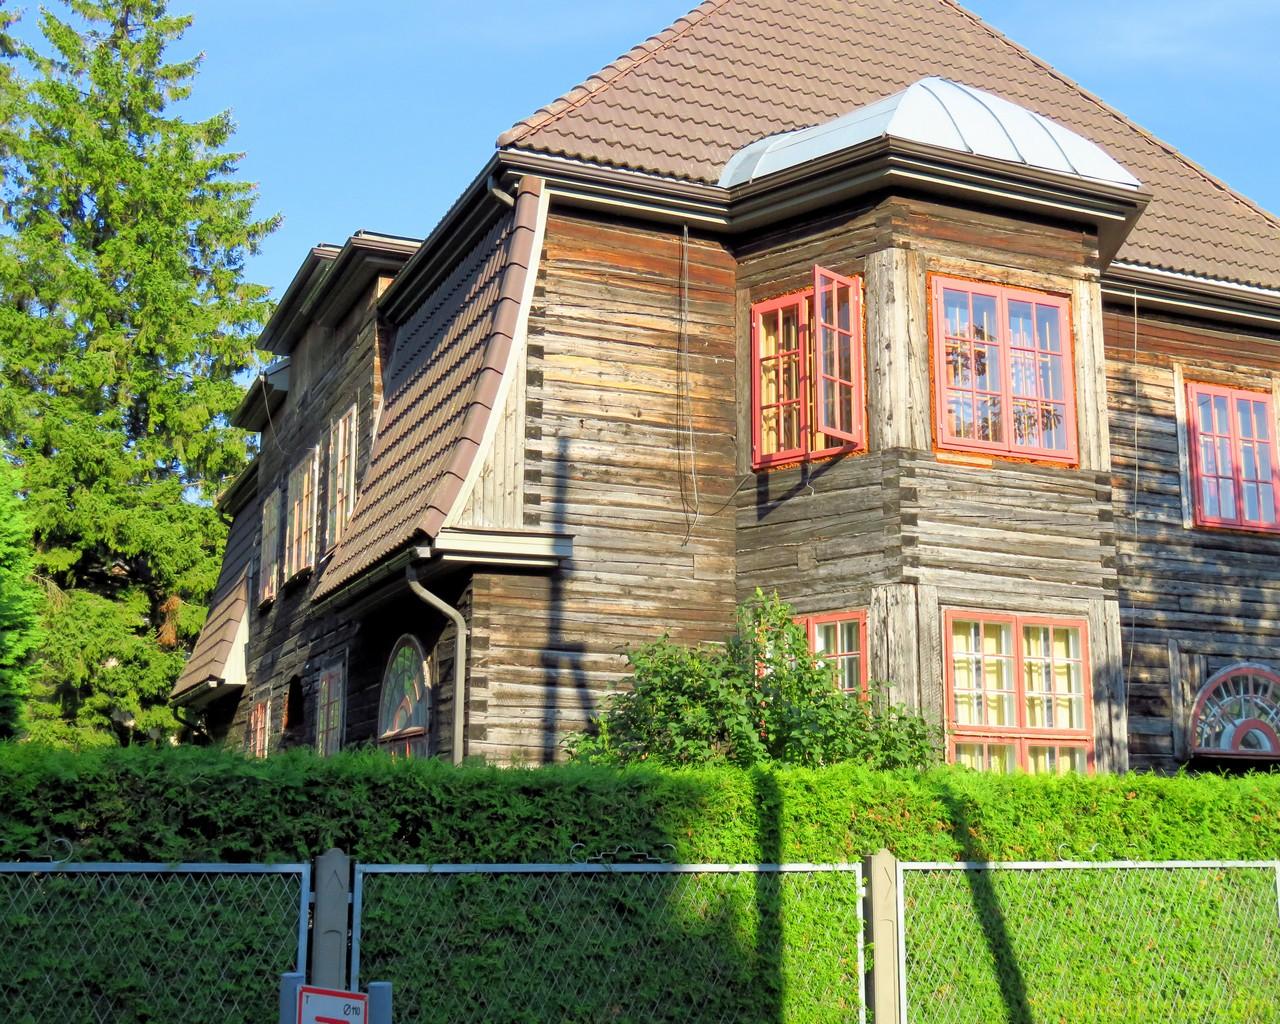 noch ein schönes altes Haus